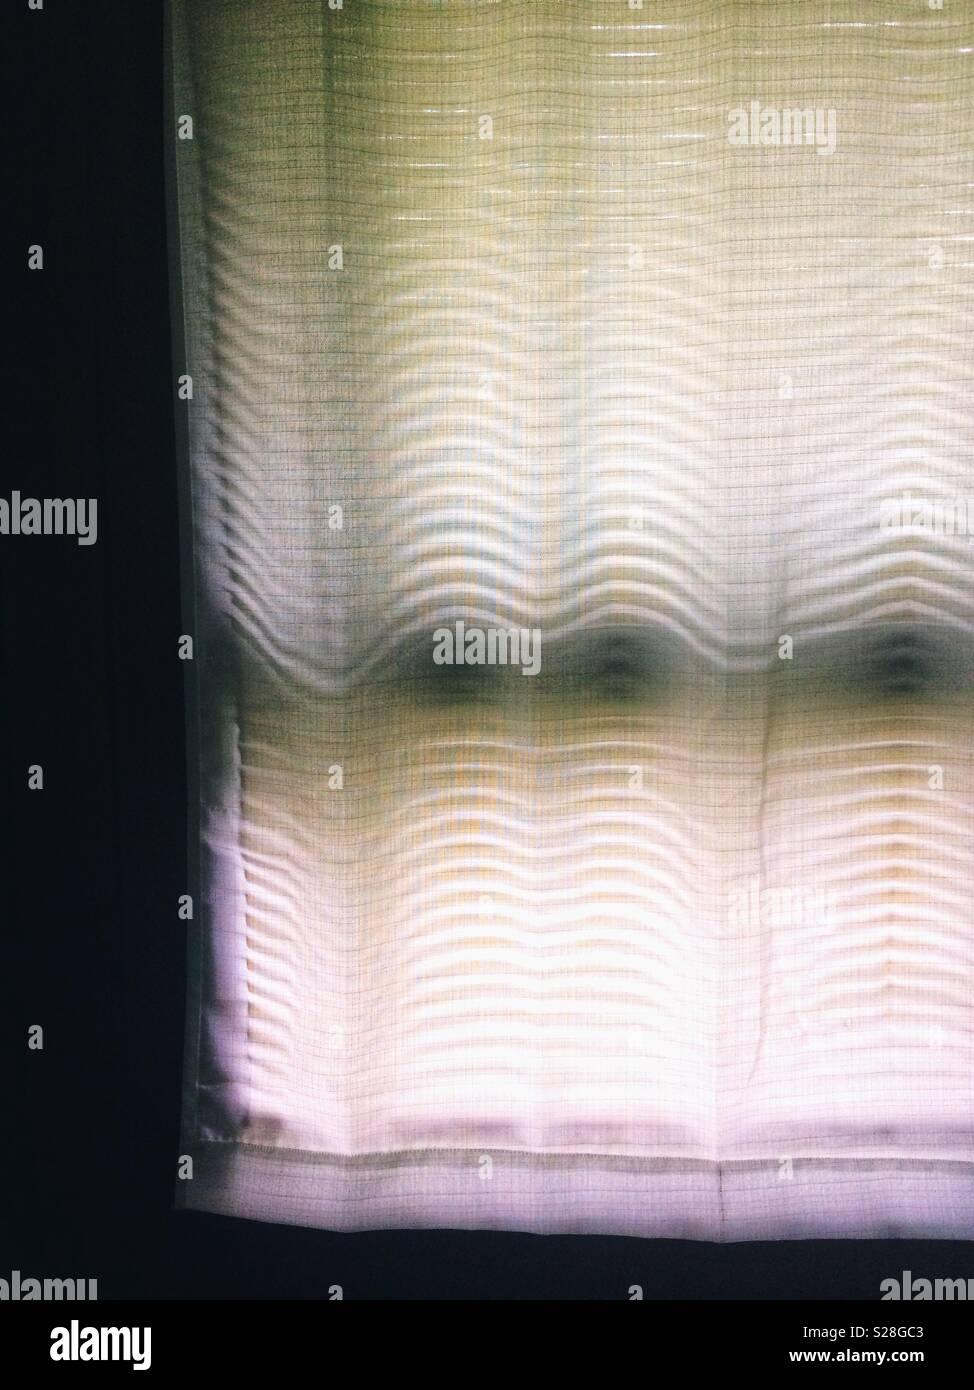 Tenda bianca con finestra ombre cieco Immagini Stock